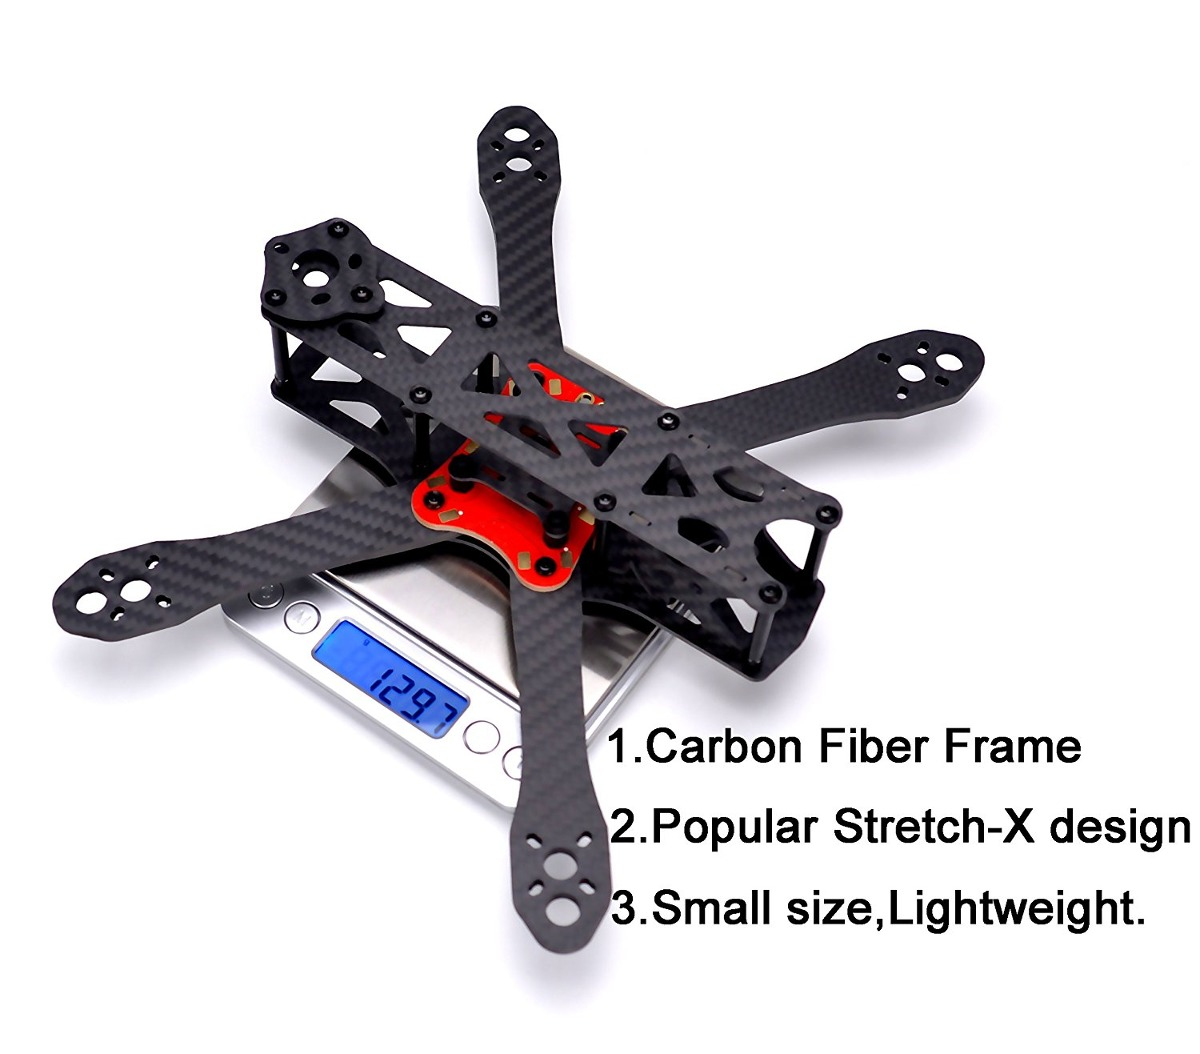 225 Mm Fpv Racing Marco Drone Kit Marco De Estiramiento-x De ...